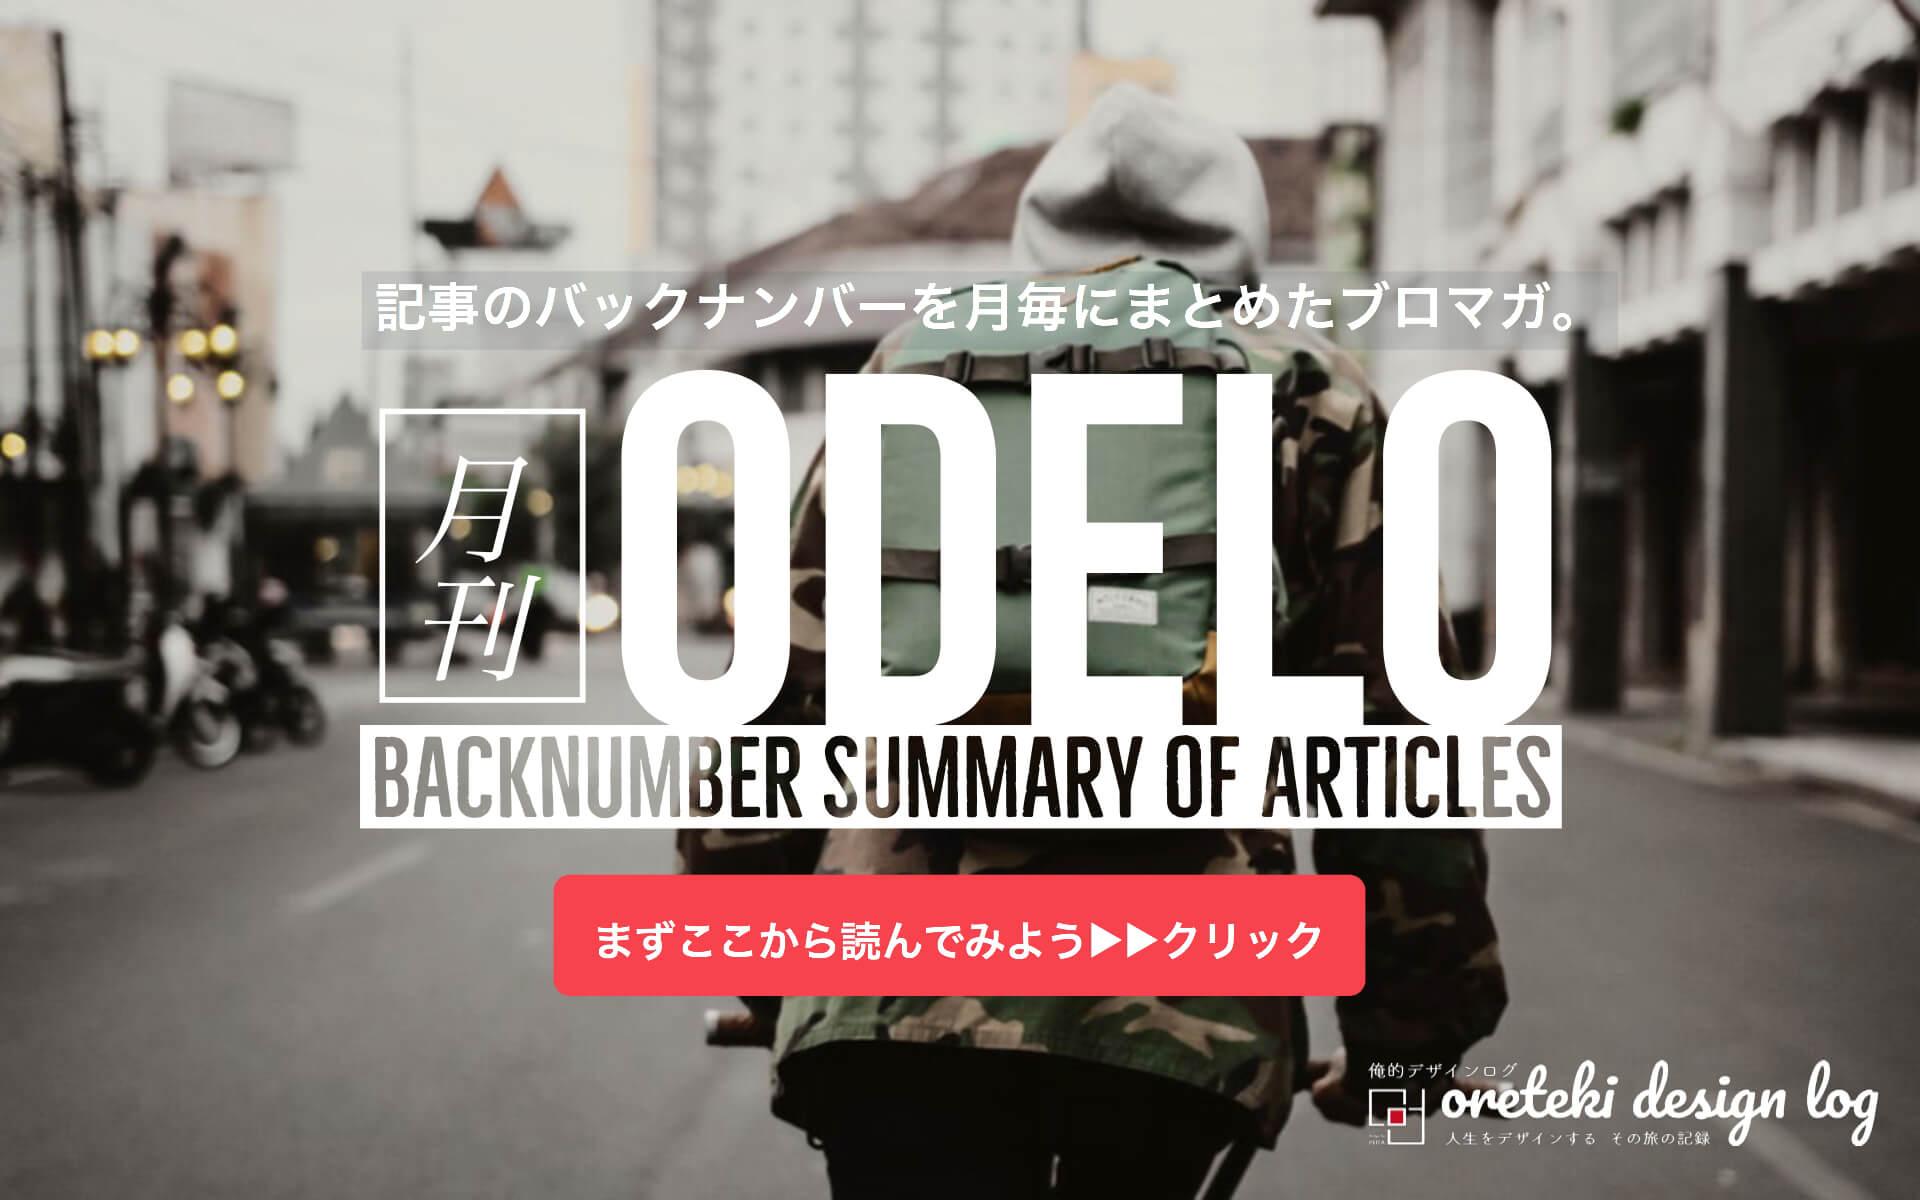 月刊ODELOまとめアイキャッチ画像jpg